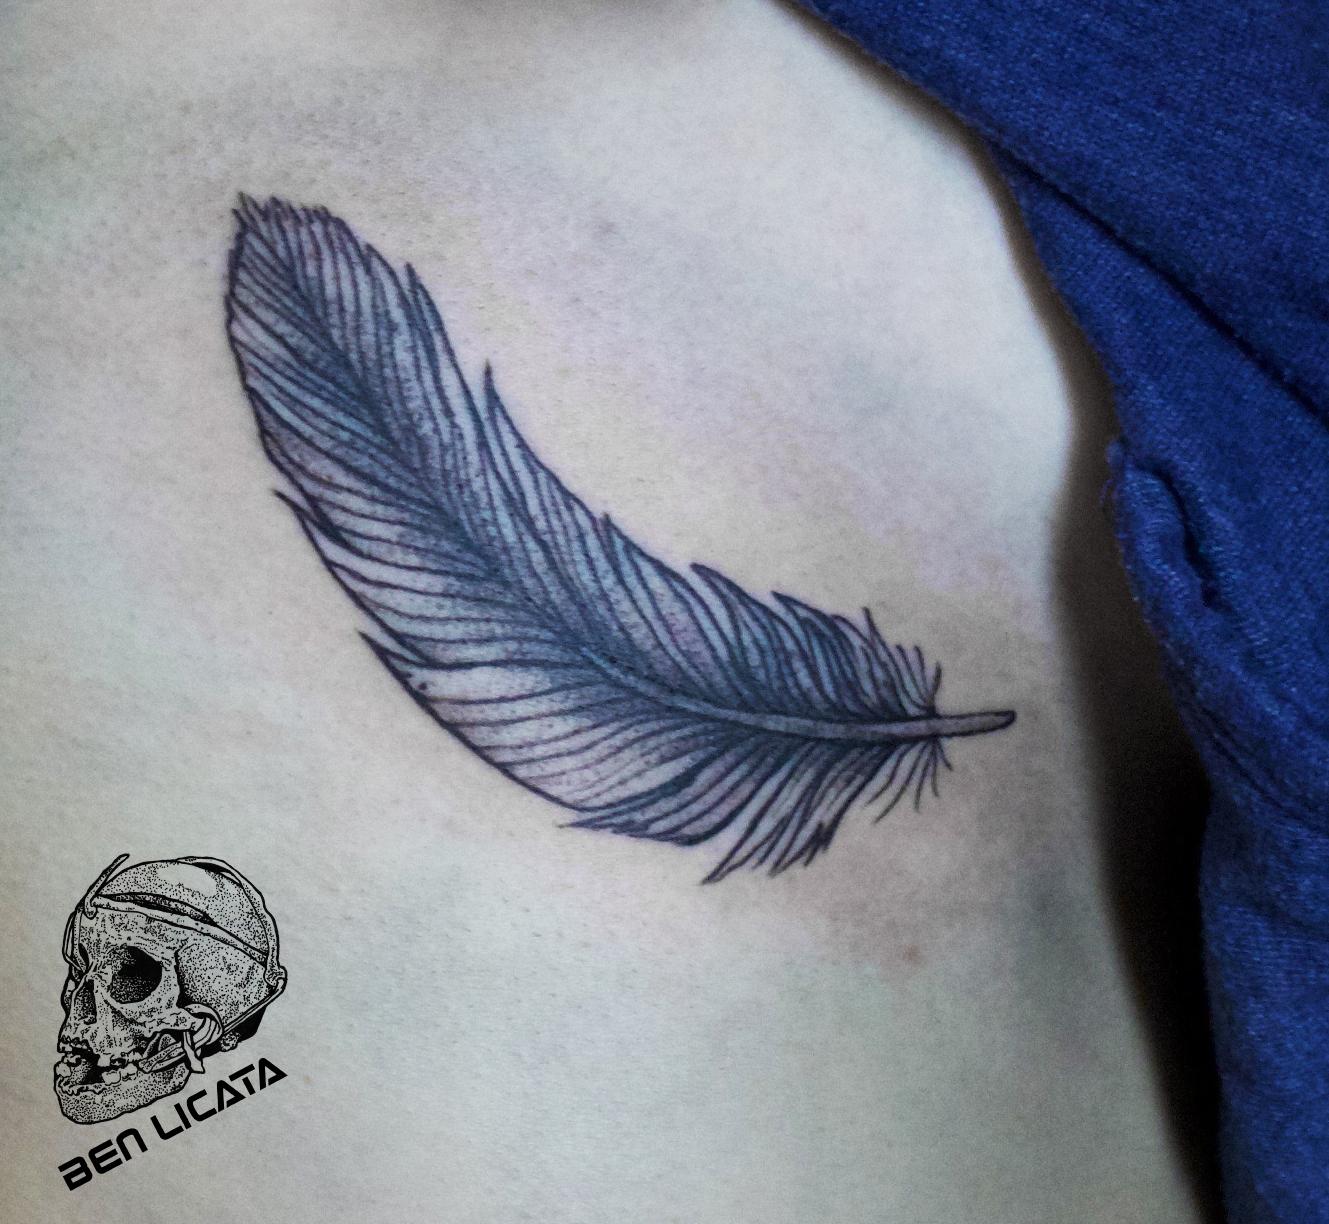 feather-tattoo-on-ribs-WM.jpg